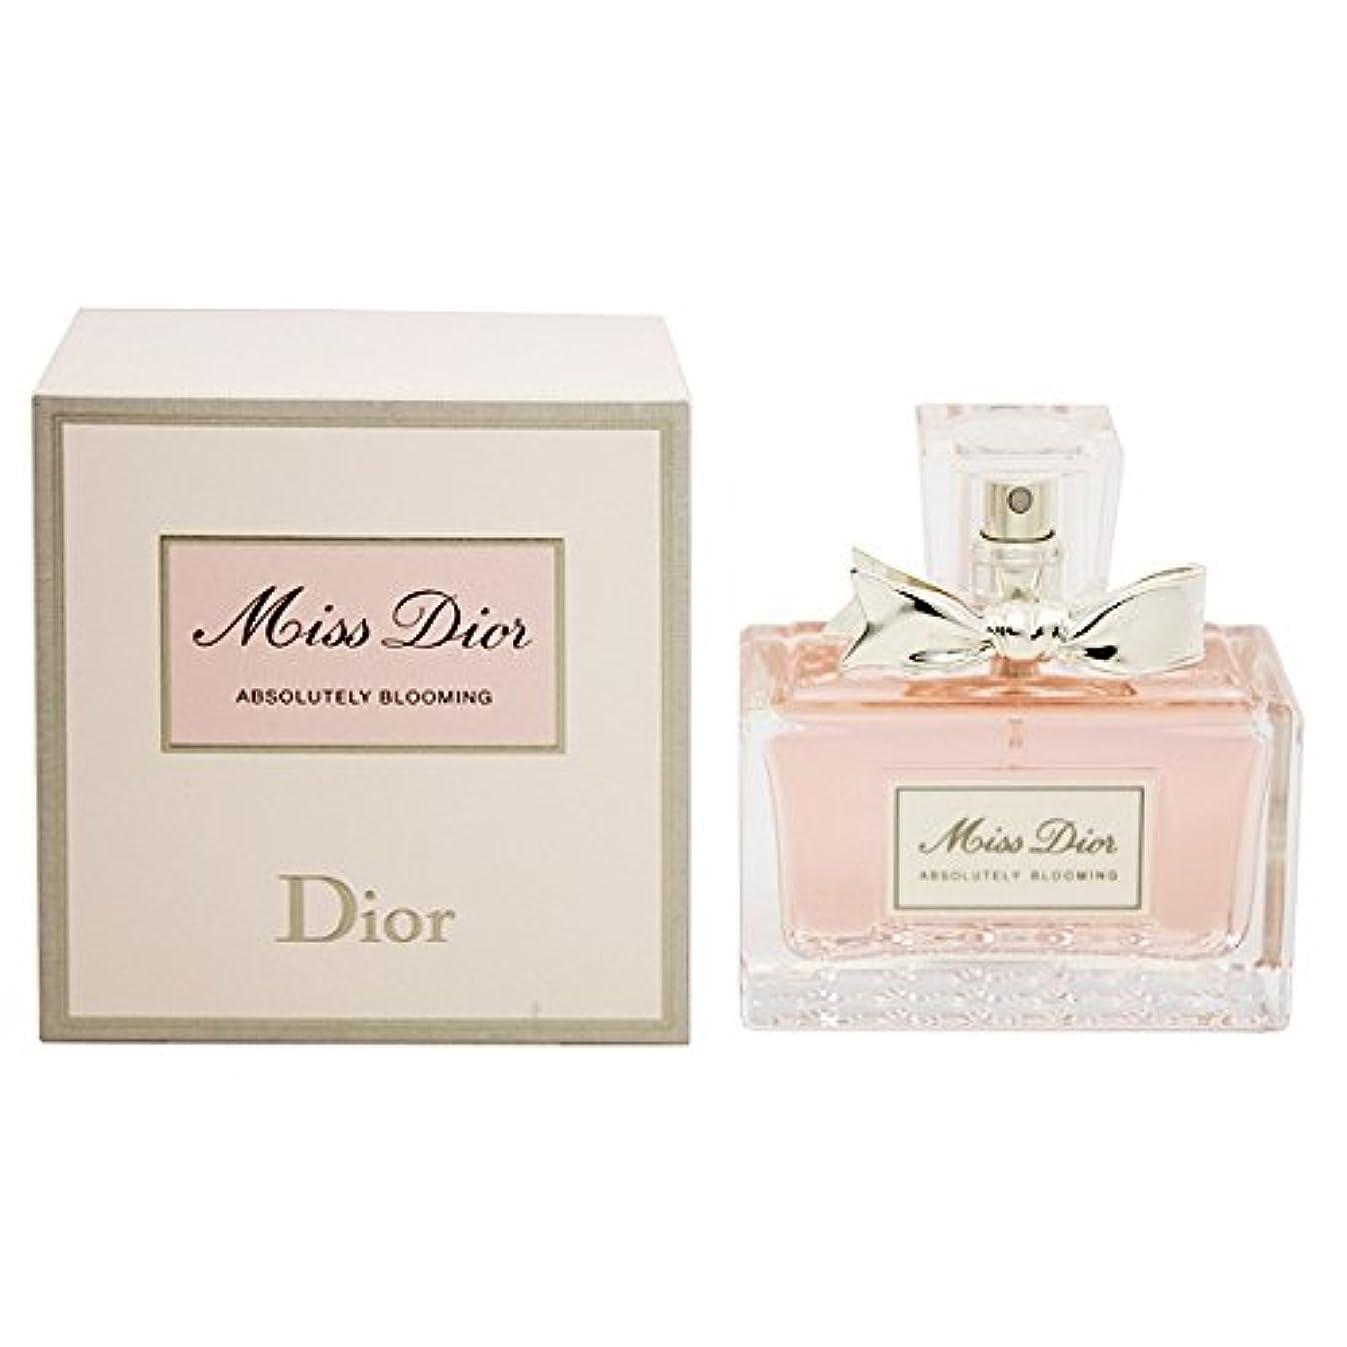 時刻表クラウン潜在的なクリスチャン ディオール(Christian Dior) ミス ディオール アブソリュートリー ブルーミング 50ml[並行輸入品]